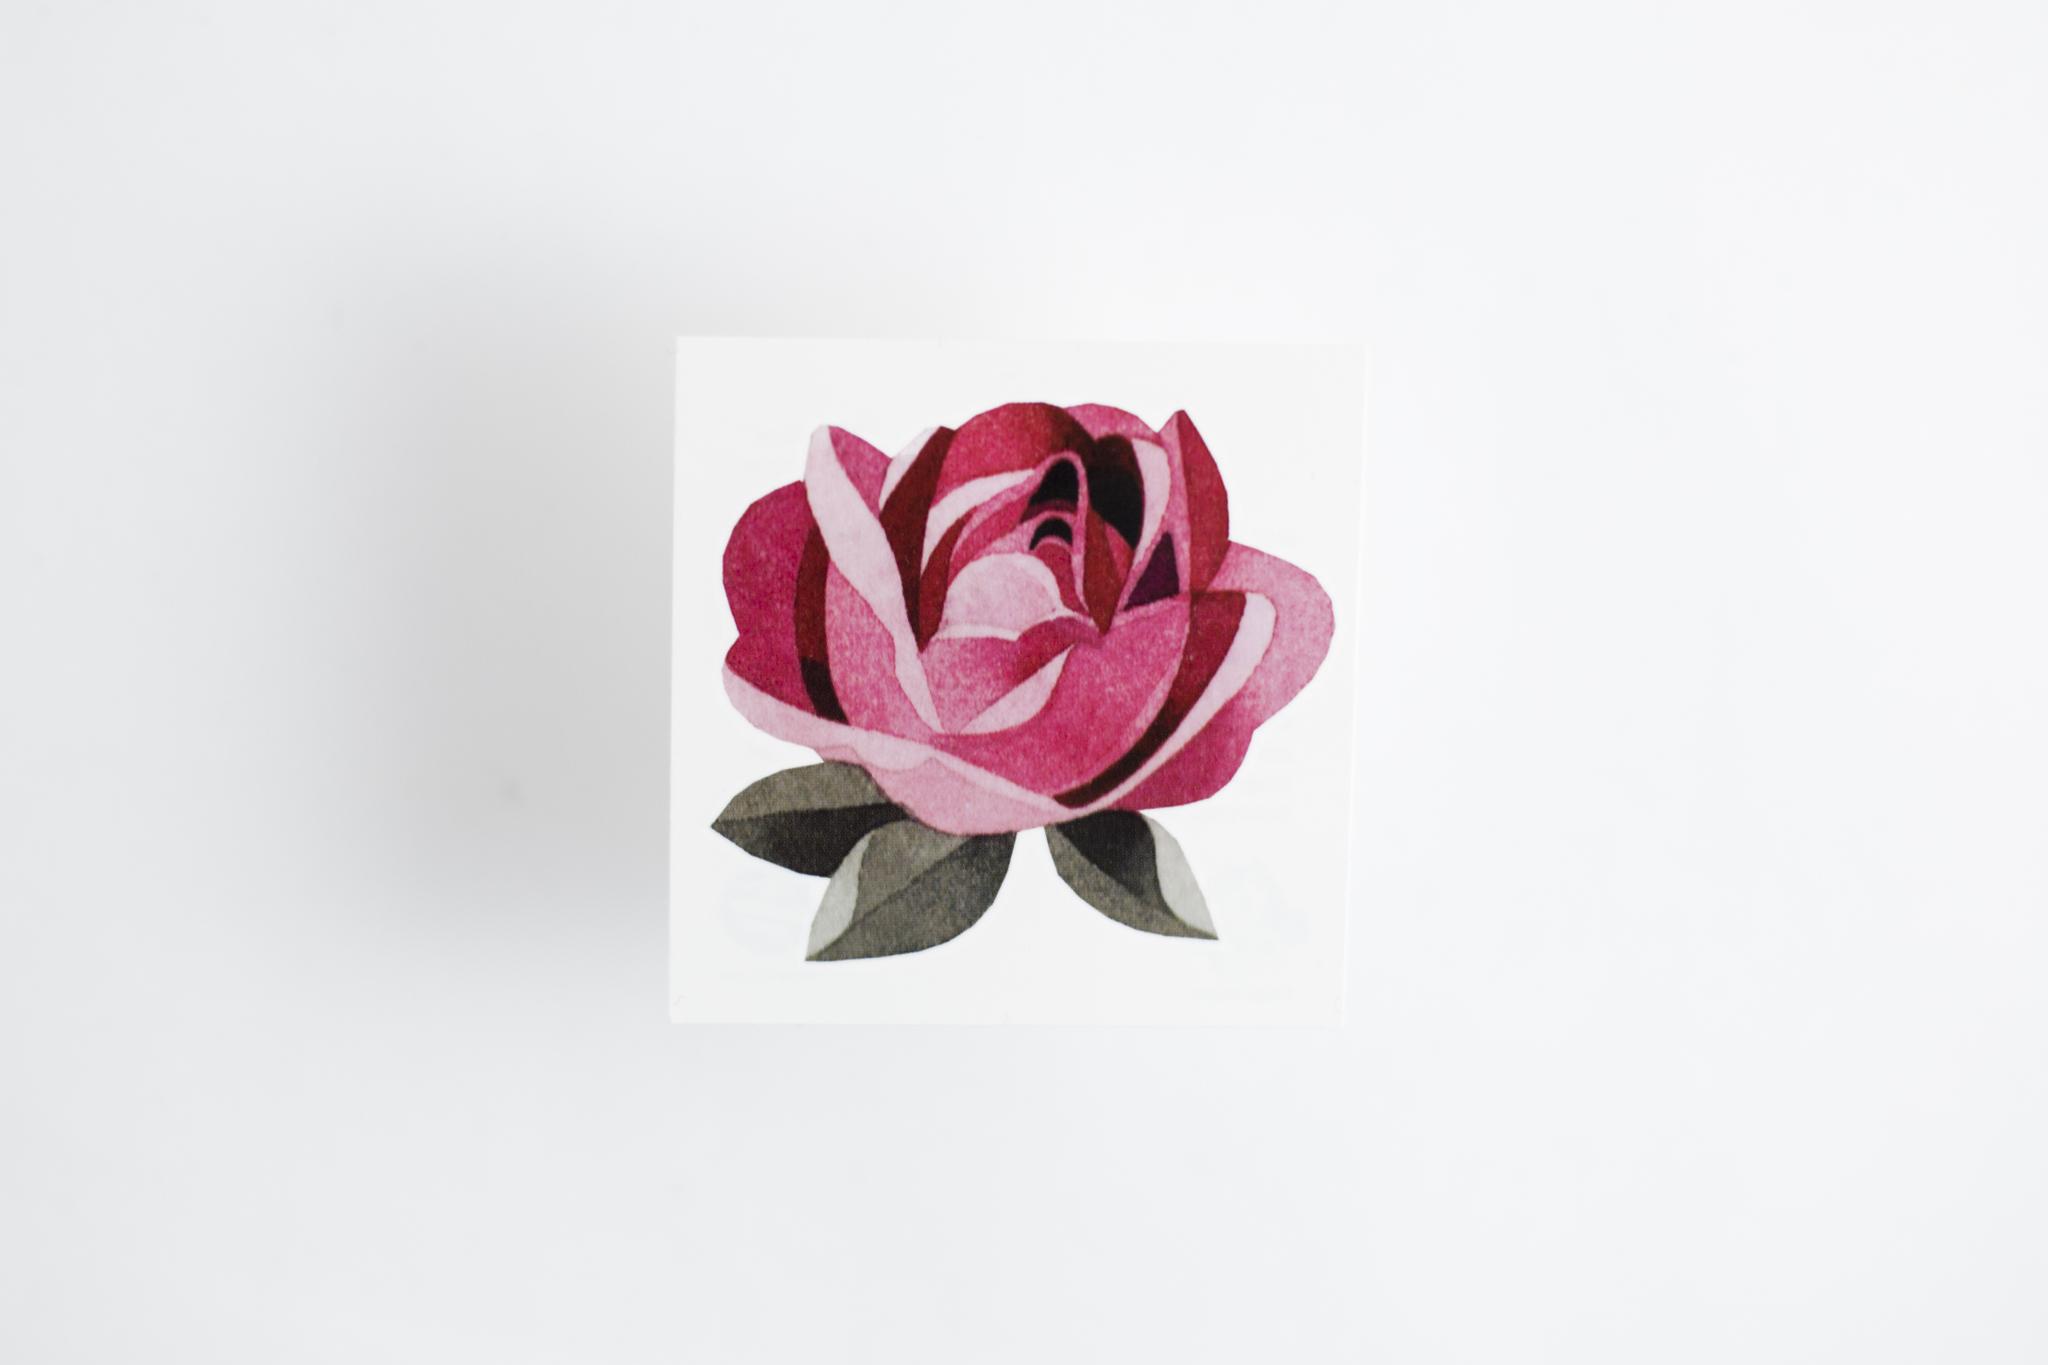 Переводная татуировка Kid's rose